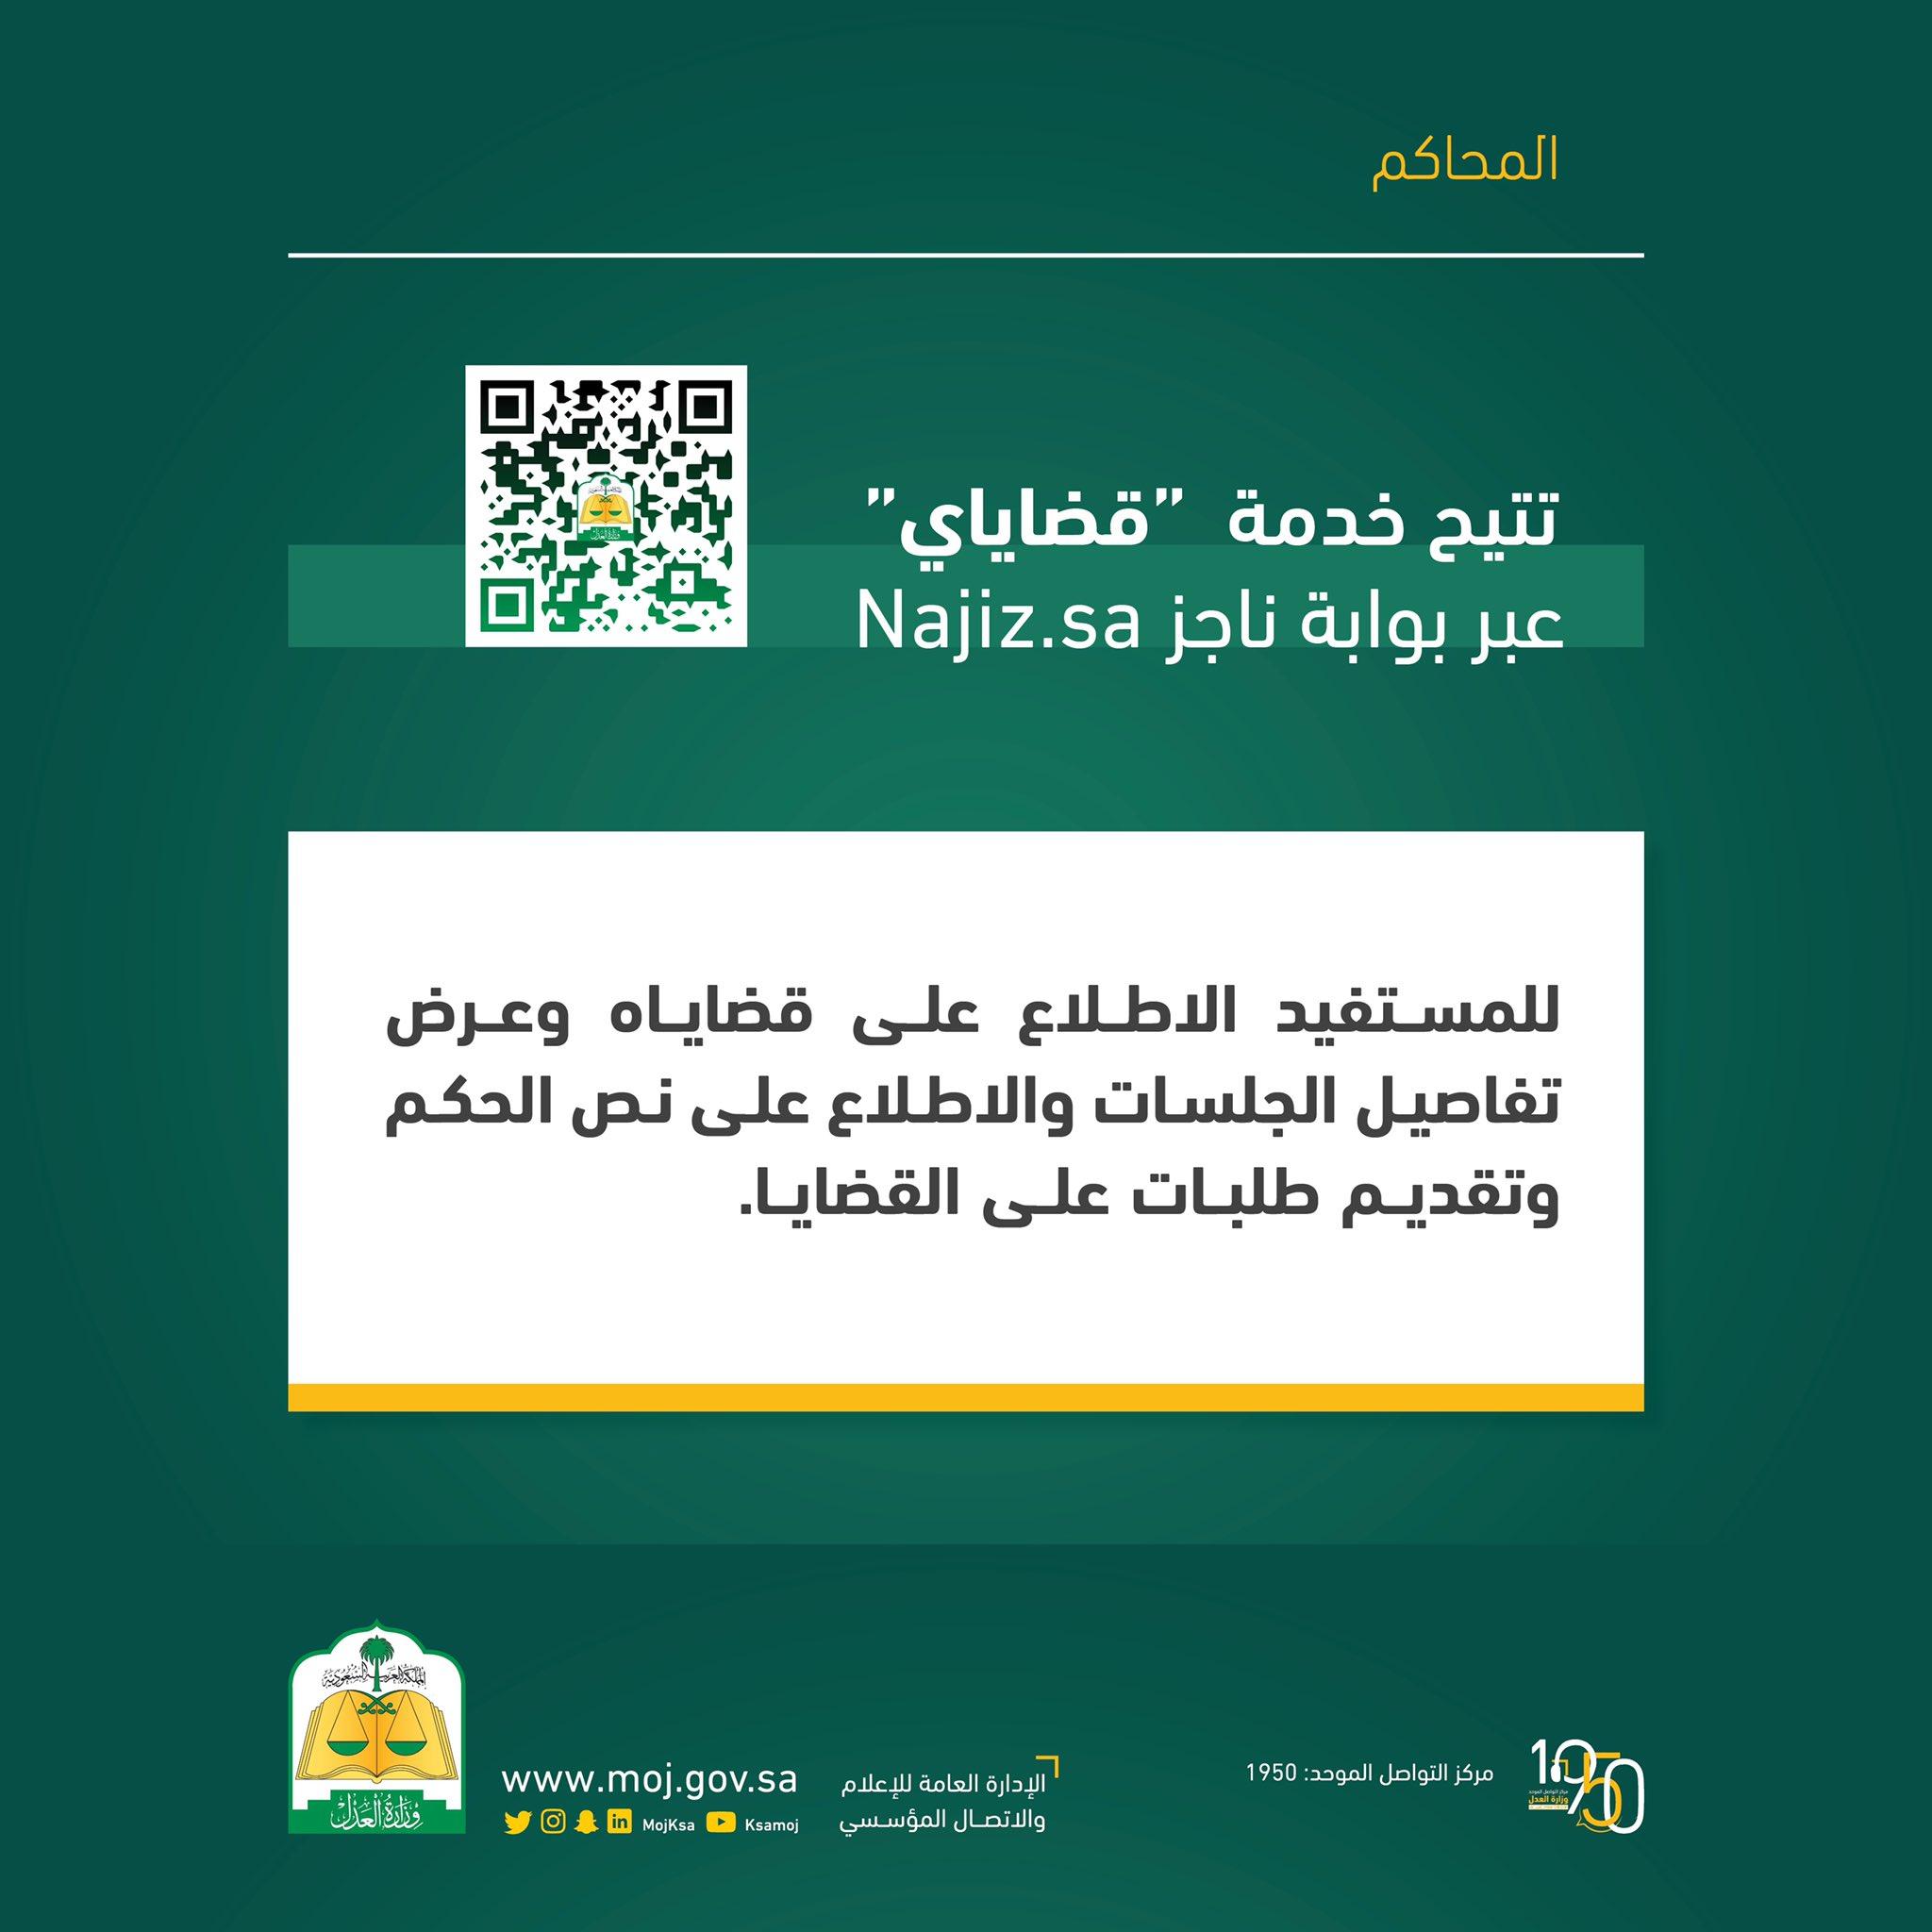 وزارة العدل A Twitteren يمكن للمستفيد الاطلاع على القضايا وعرض تفاصيل الجلسات ونص الحكم عبر بوابة ناجز Https T Co 5aq5pqfsoj